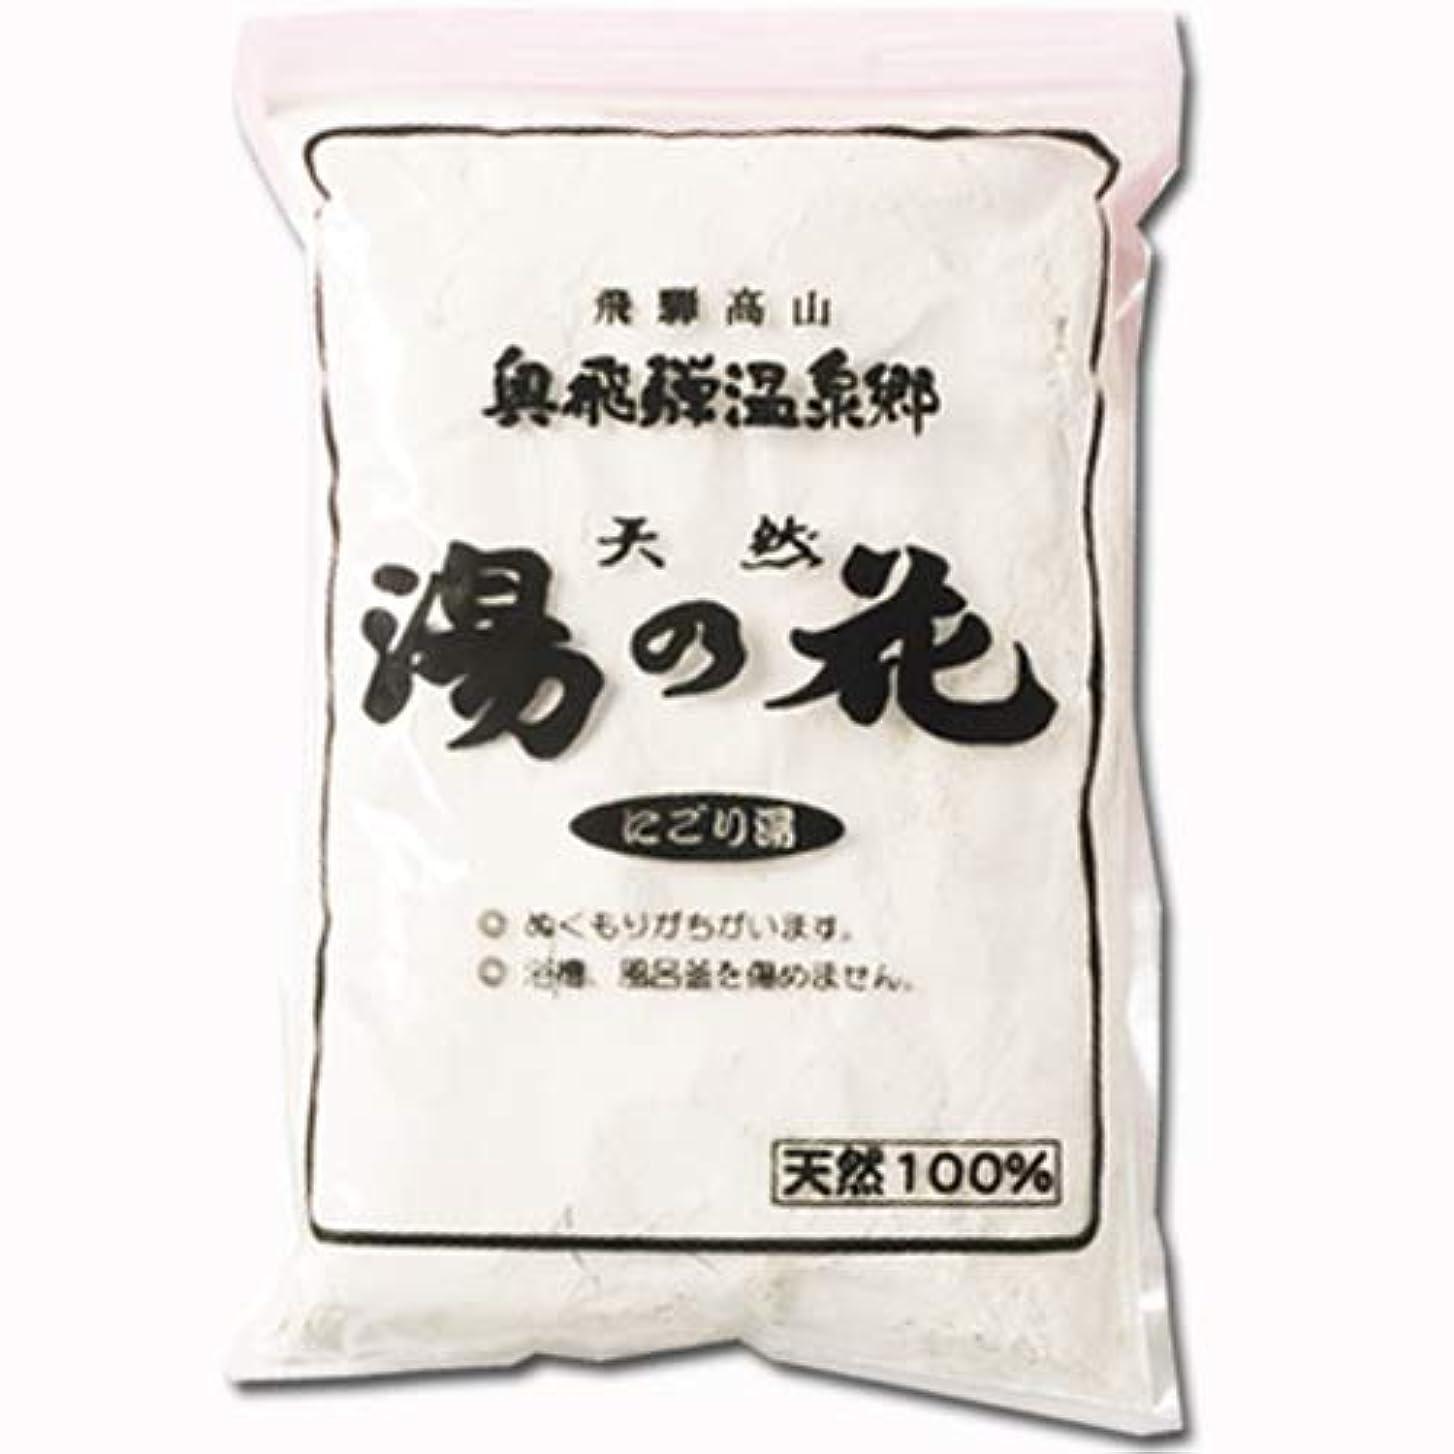 端末ゴネリル放出天然湯の花 (業務用) 1kg (飛騨高山温泉郷 にごり湯)